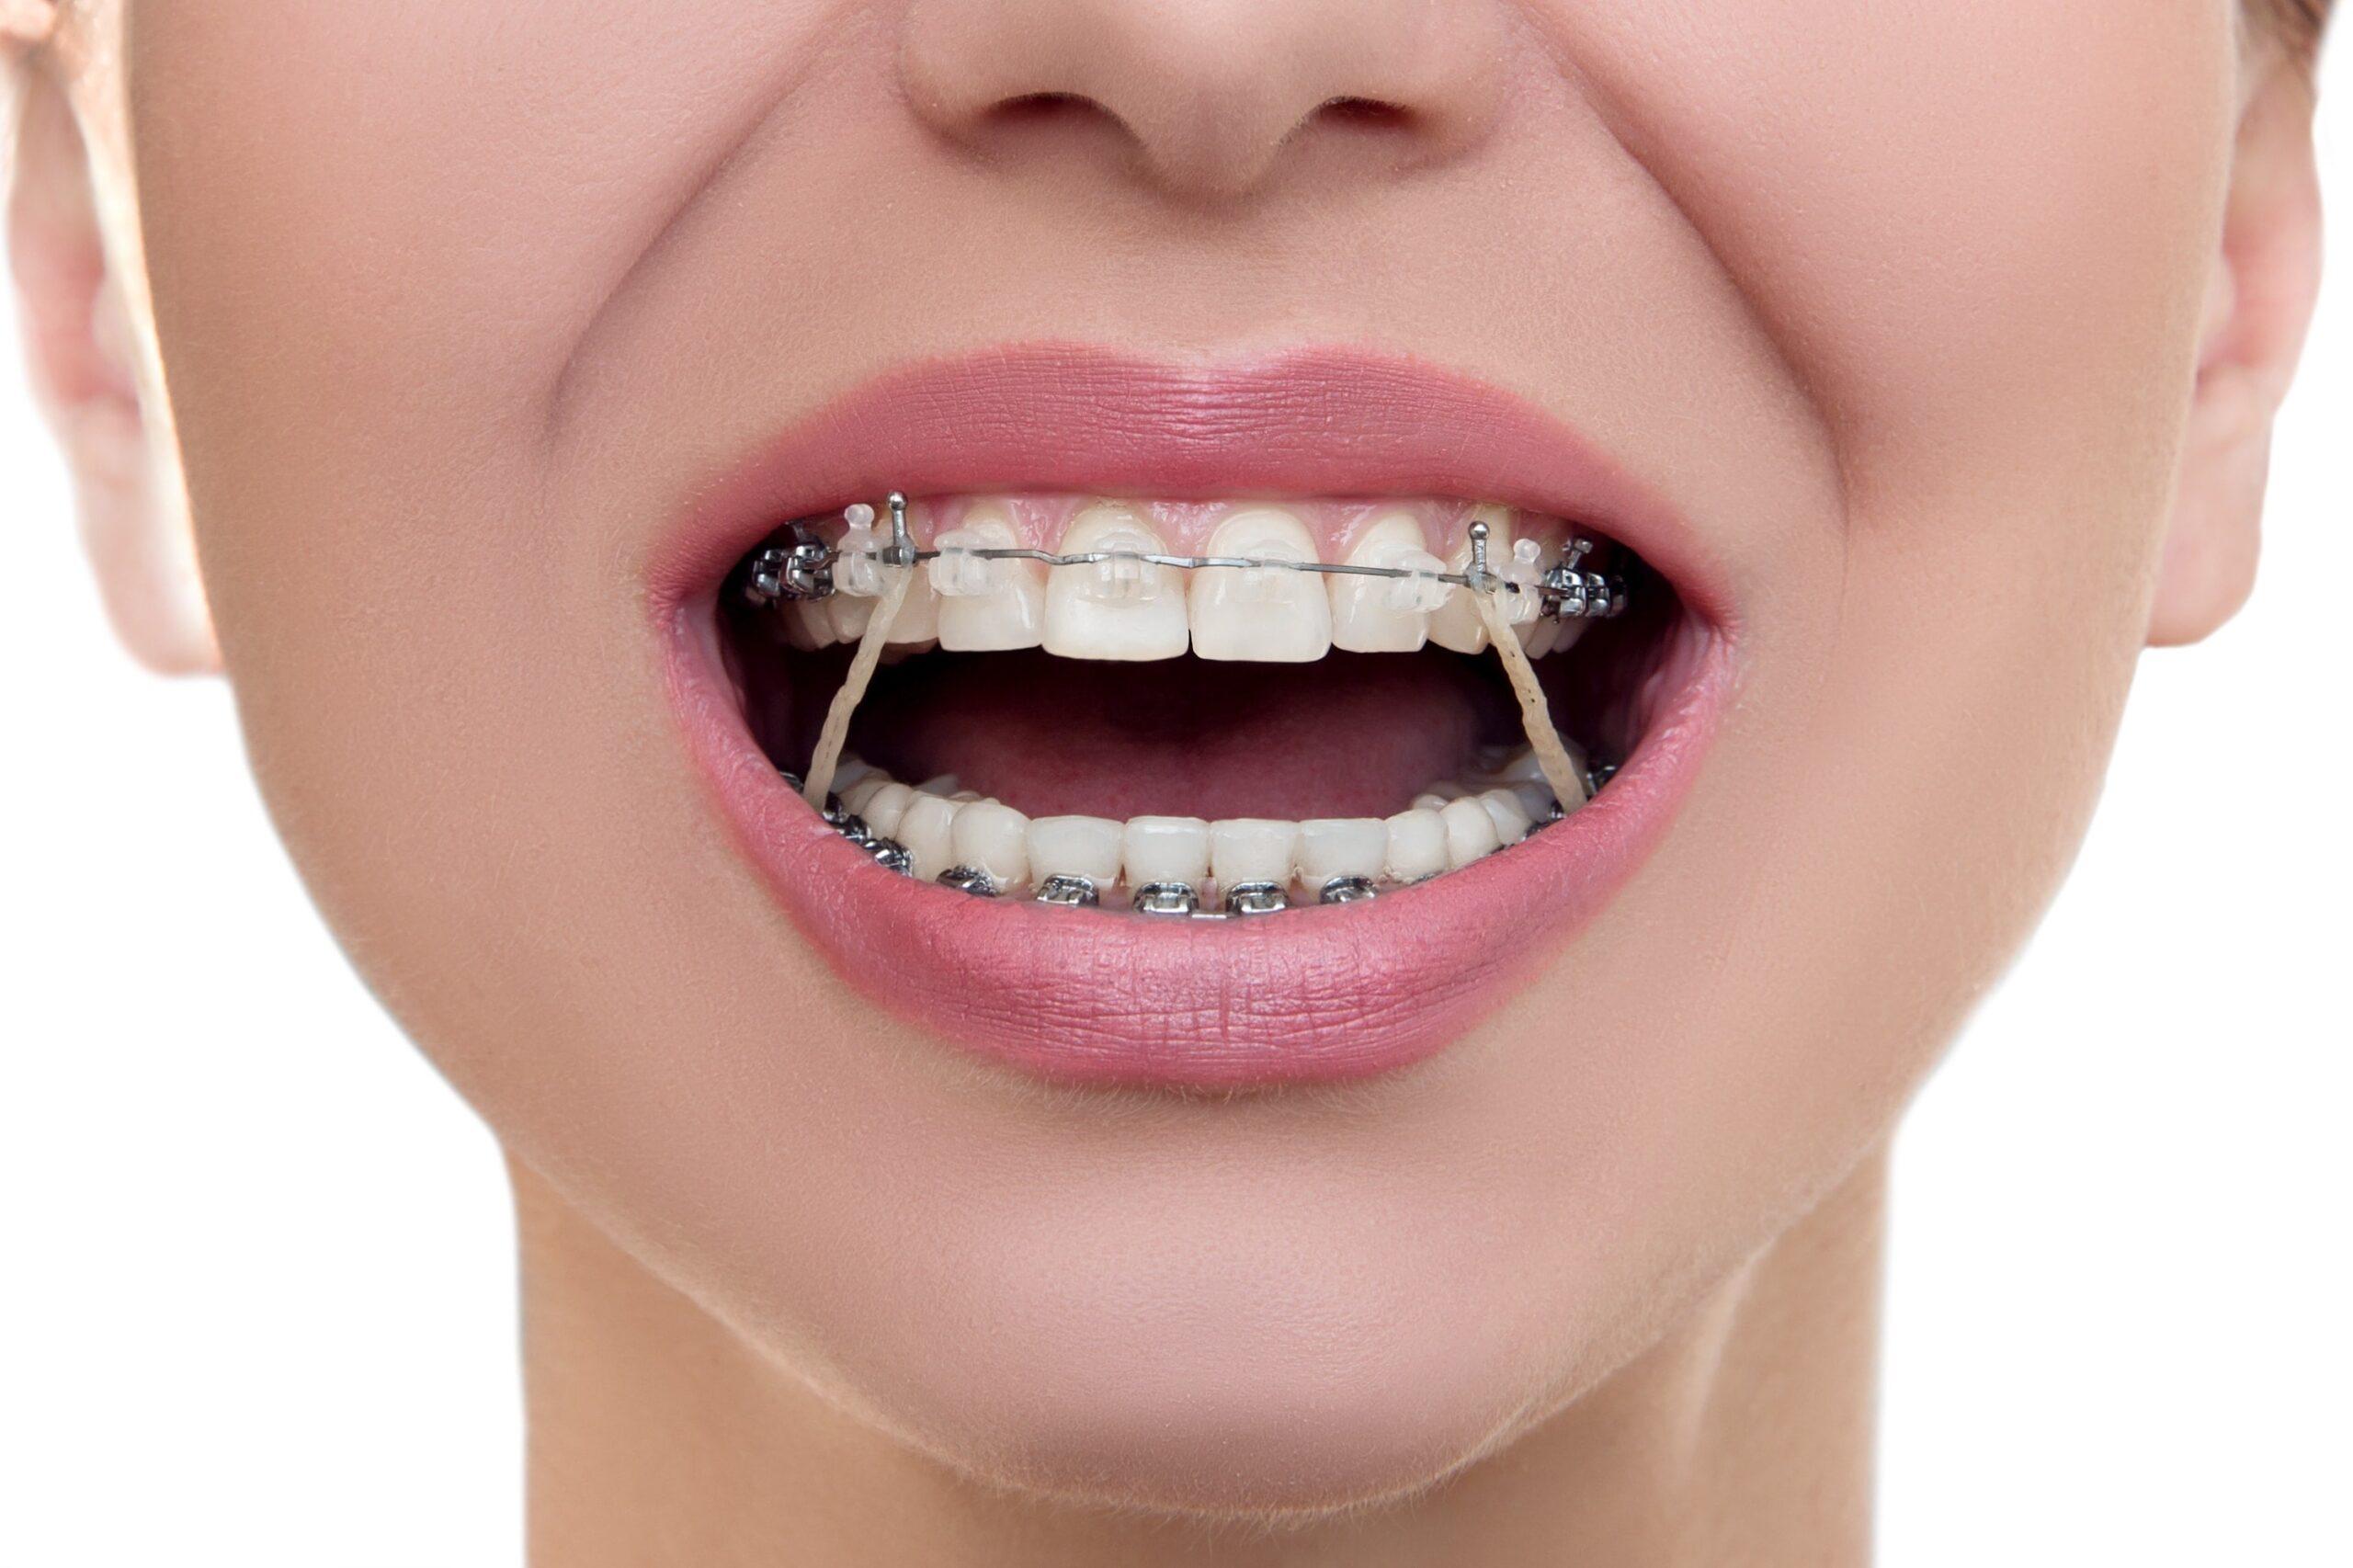 quem usa aparelho nos dentes pode fazer rinoplastia?